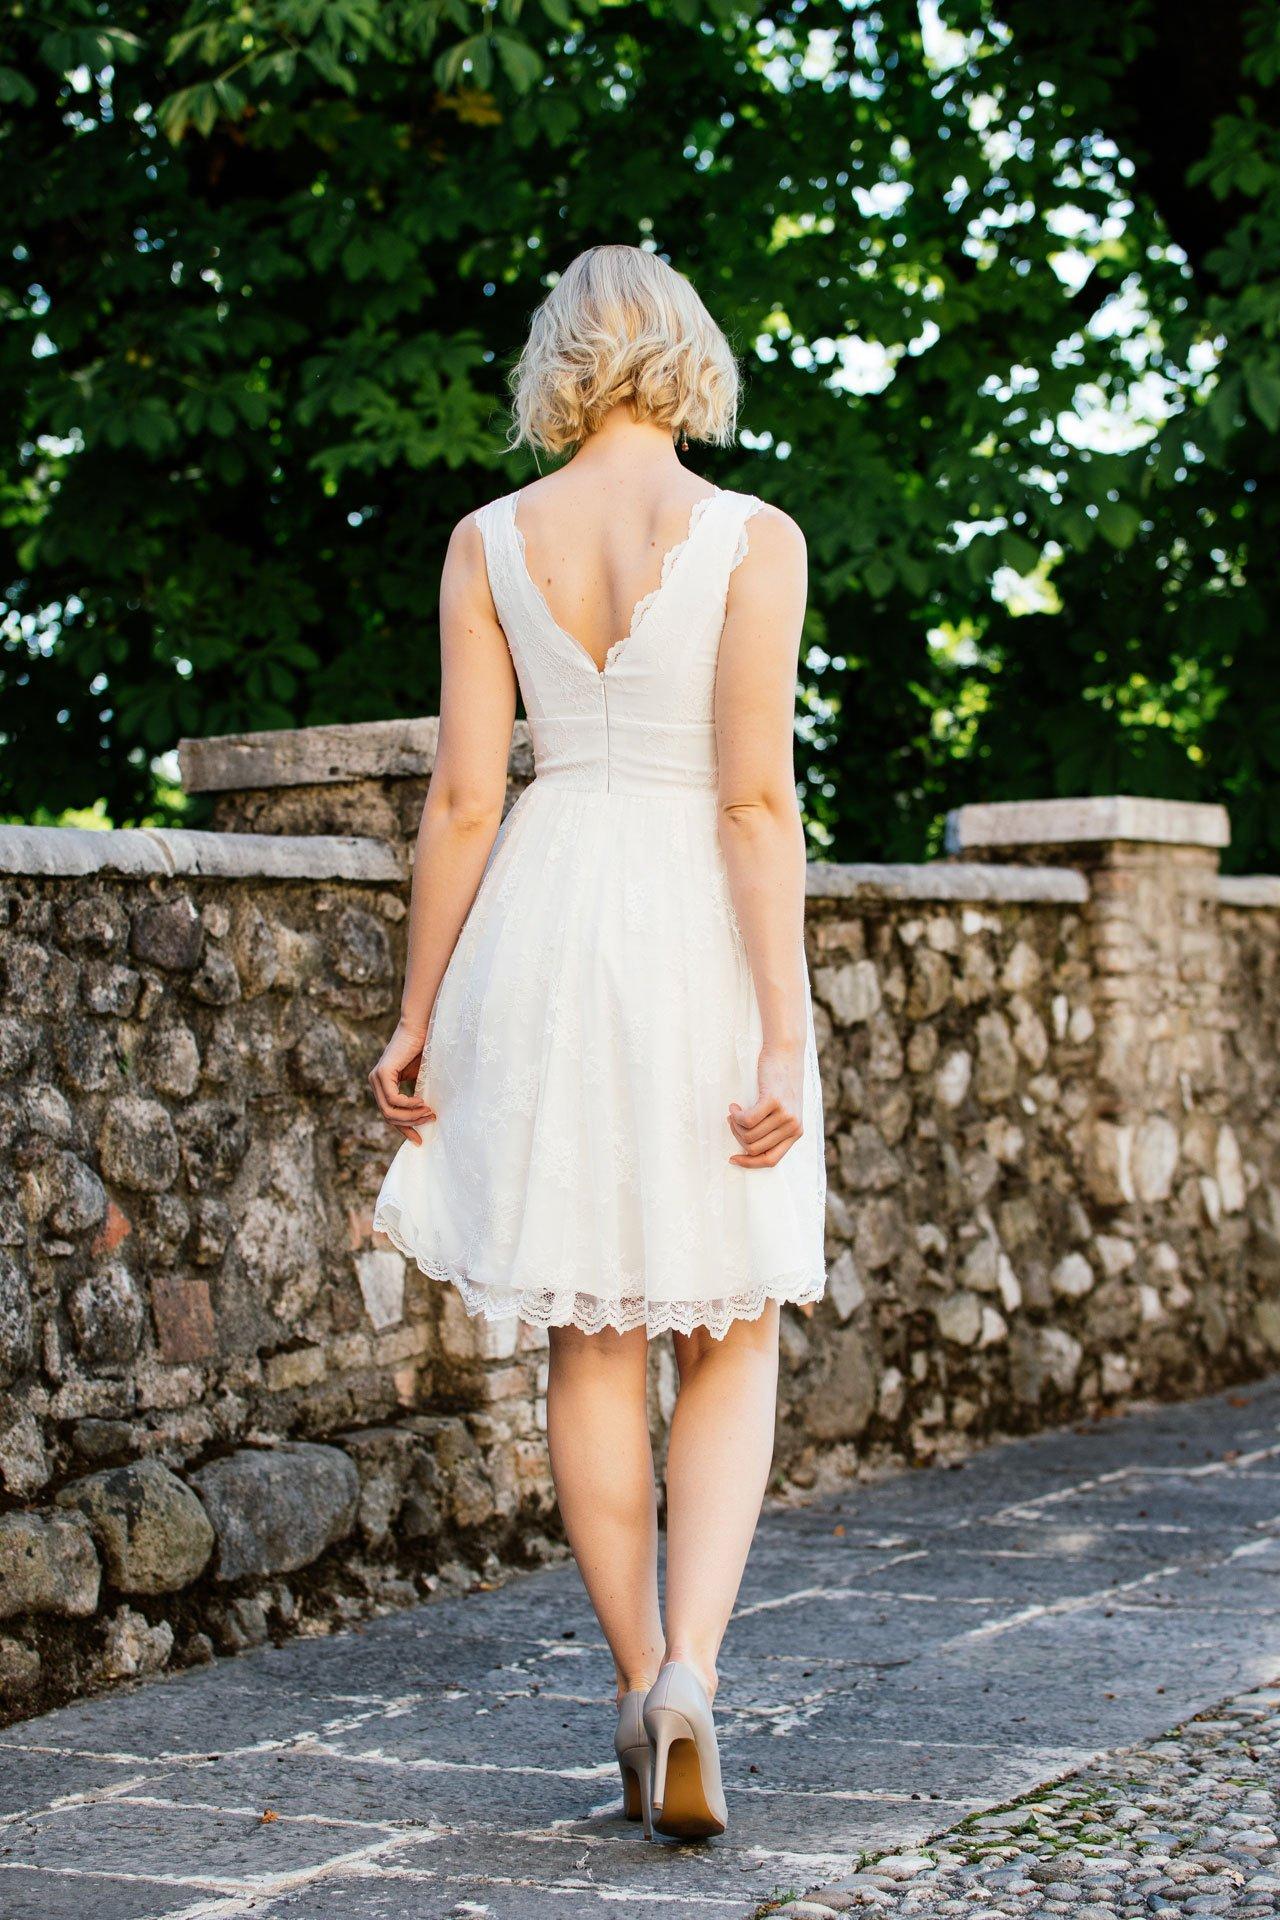 Brautkleid knielang aus wunderschöner Spitze mit doppeltem V-Ausschnitt